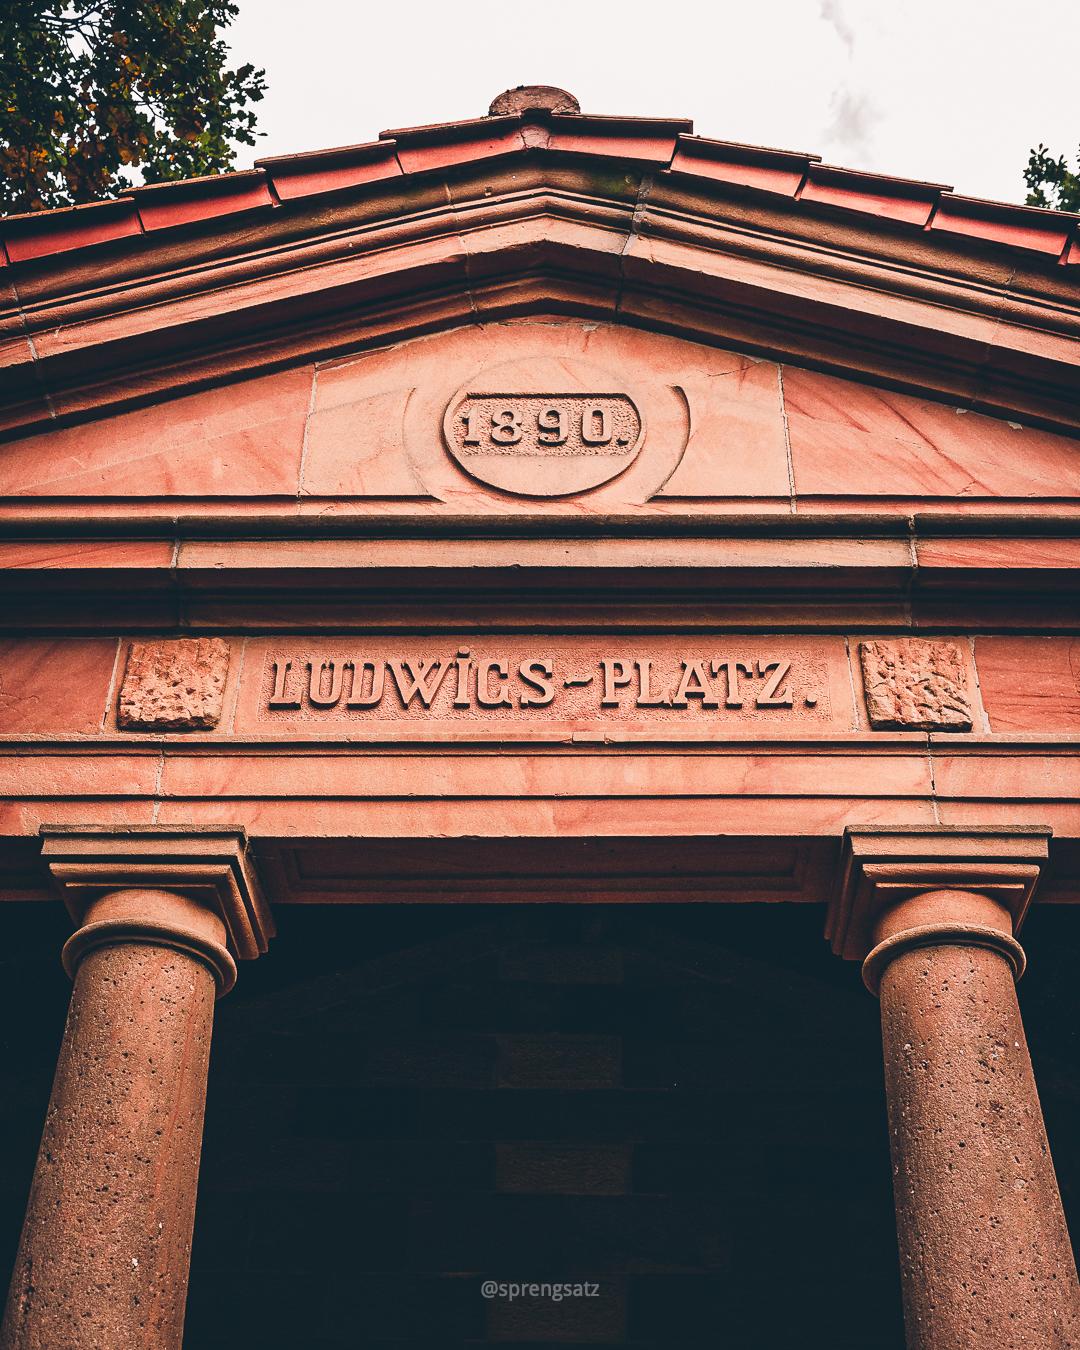 Ludwigs-Platz Schutzhalle aus Rotsandstein zu Ehren von König Ludwig II von Bayern errichtet, erbaut 1890